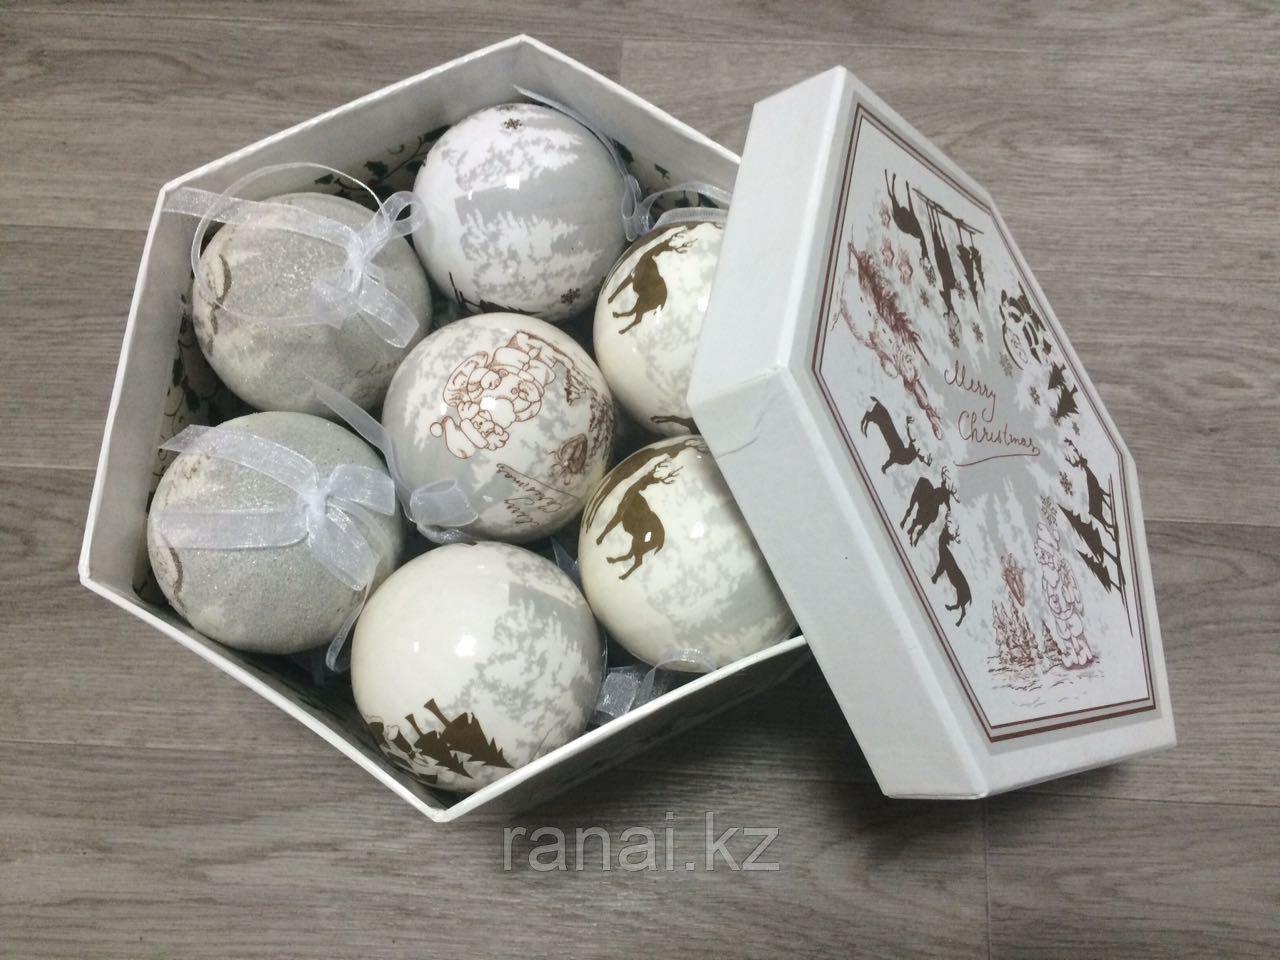 Новогодние наборы в алматы (14 штуки)